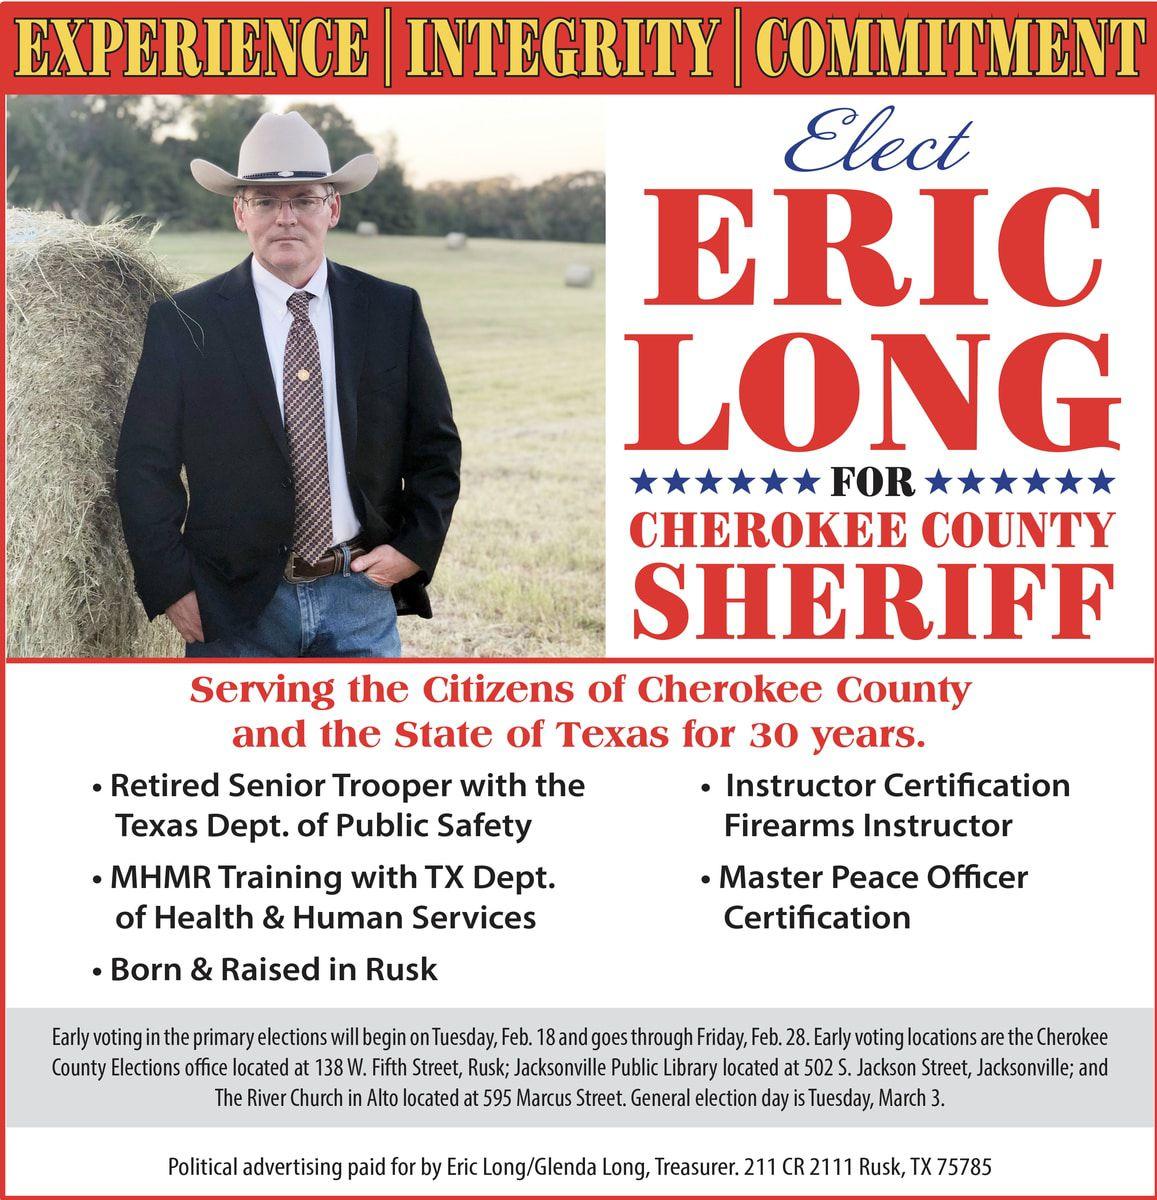 Eric Long